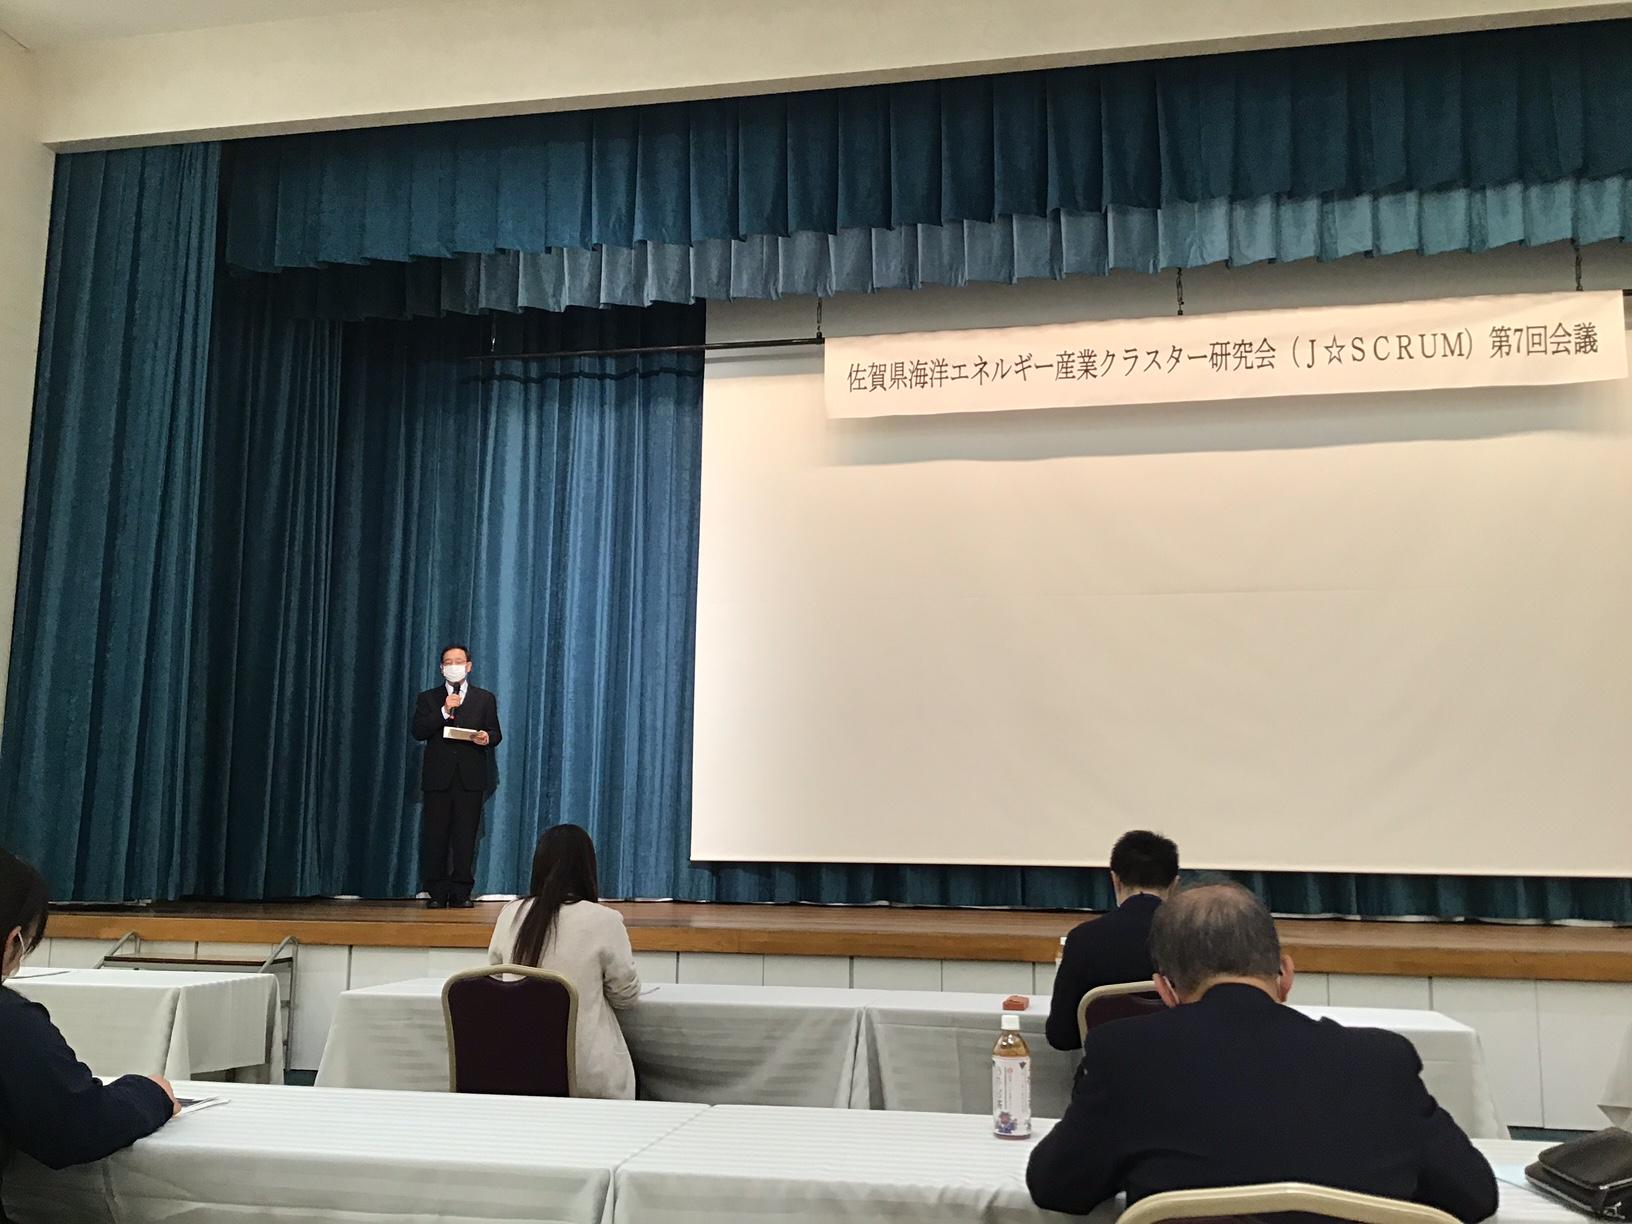 第7回J☆SCRUM(ジェイスクラム)オンライン講演